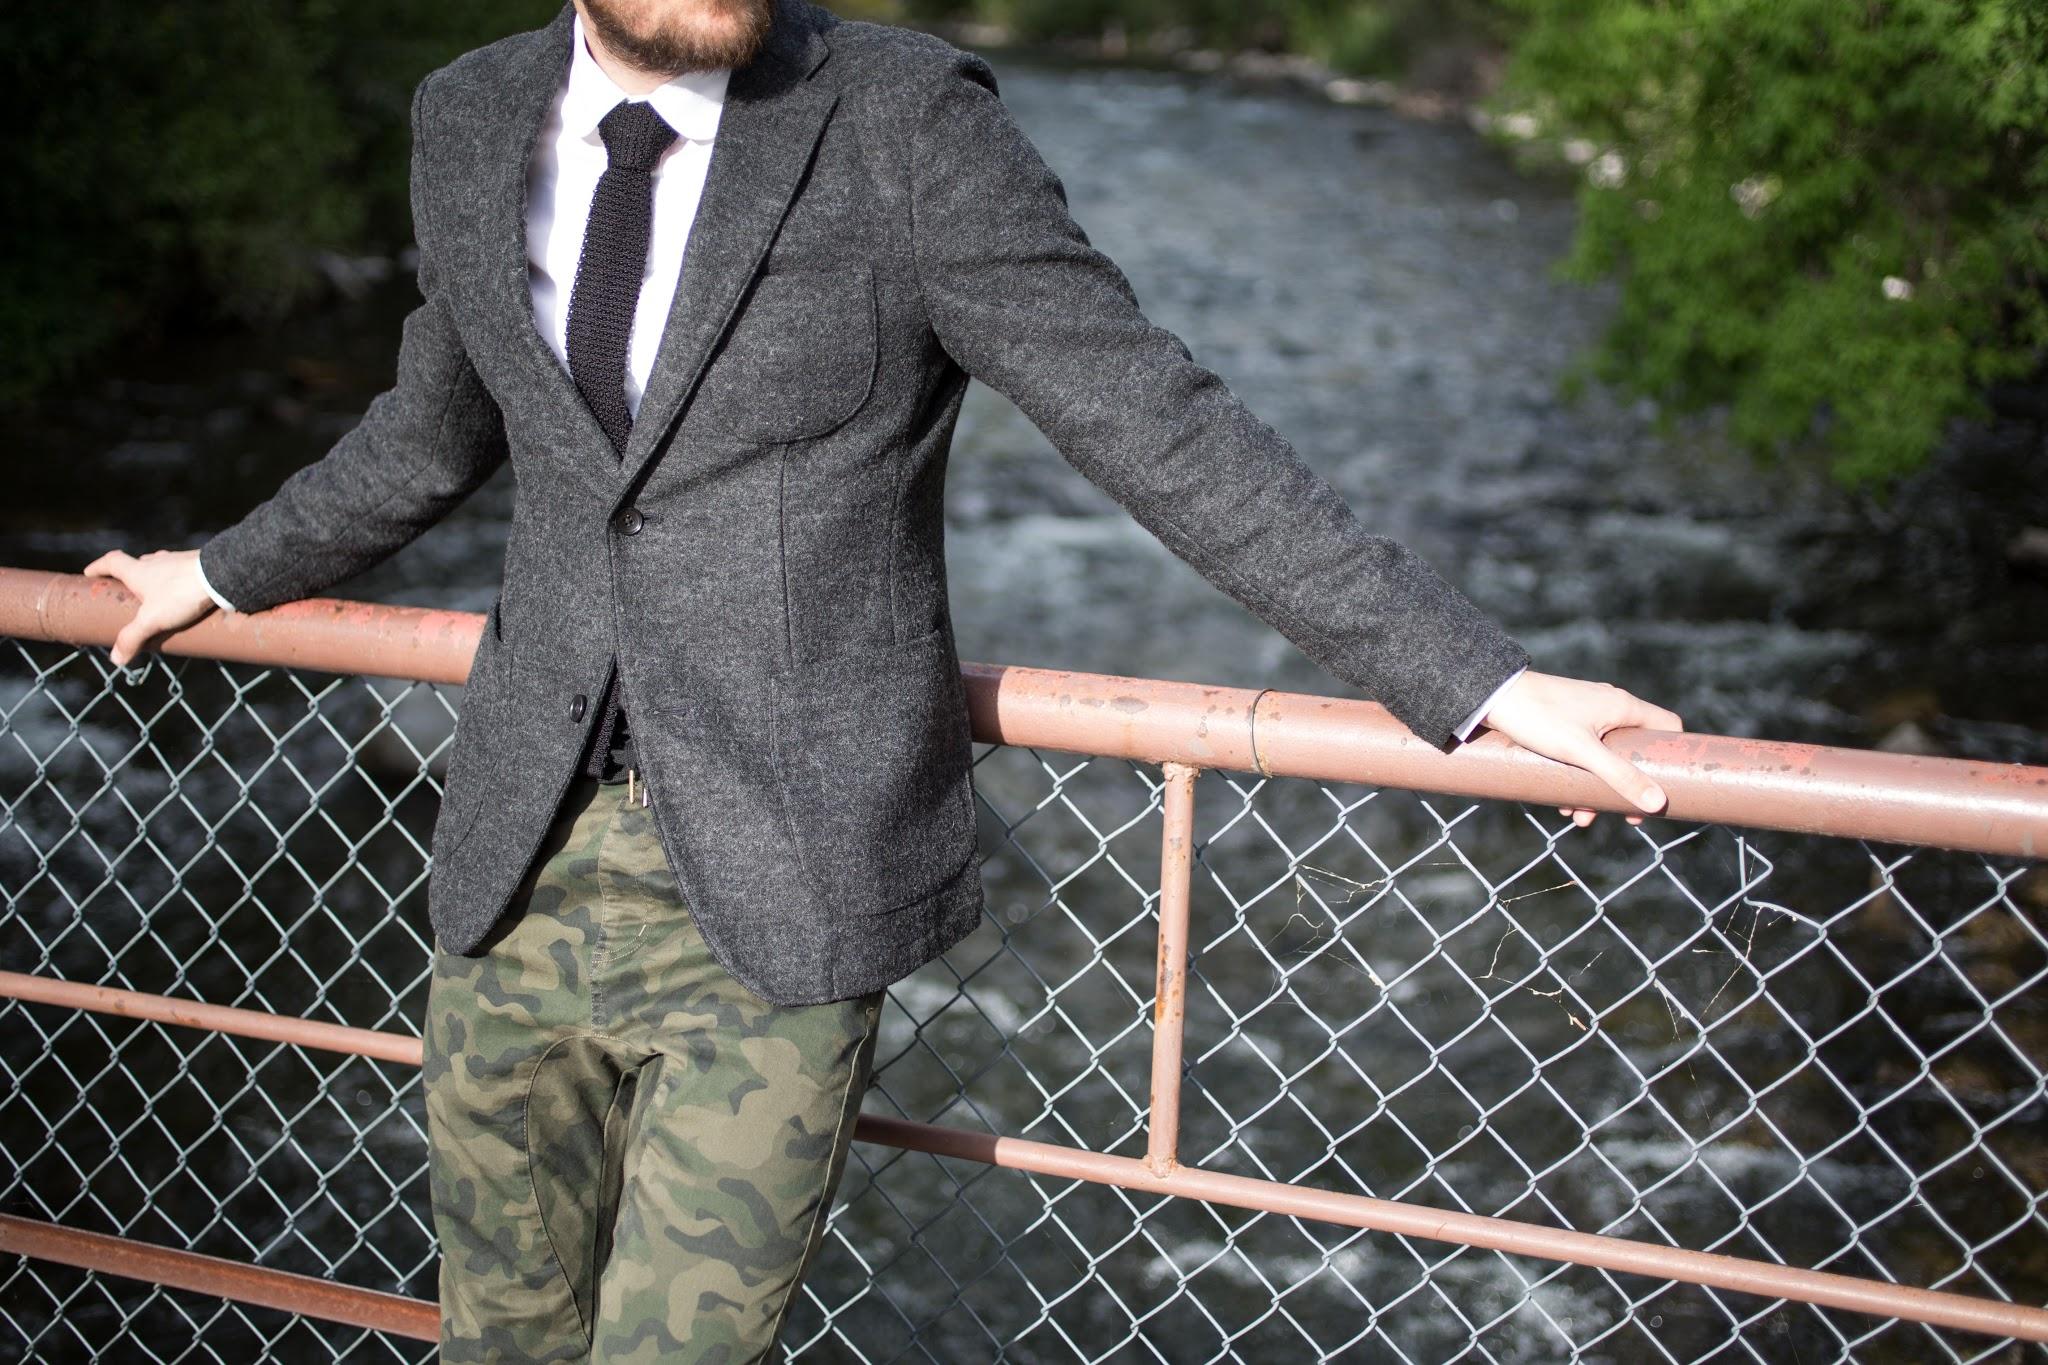 Jcrew Knit Tie in Black